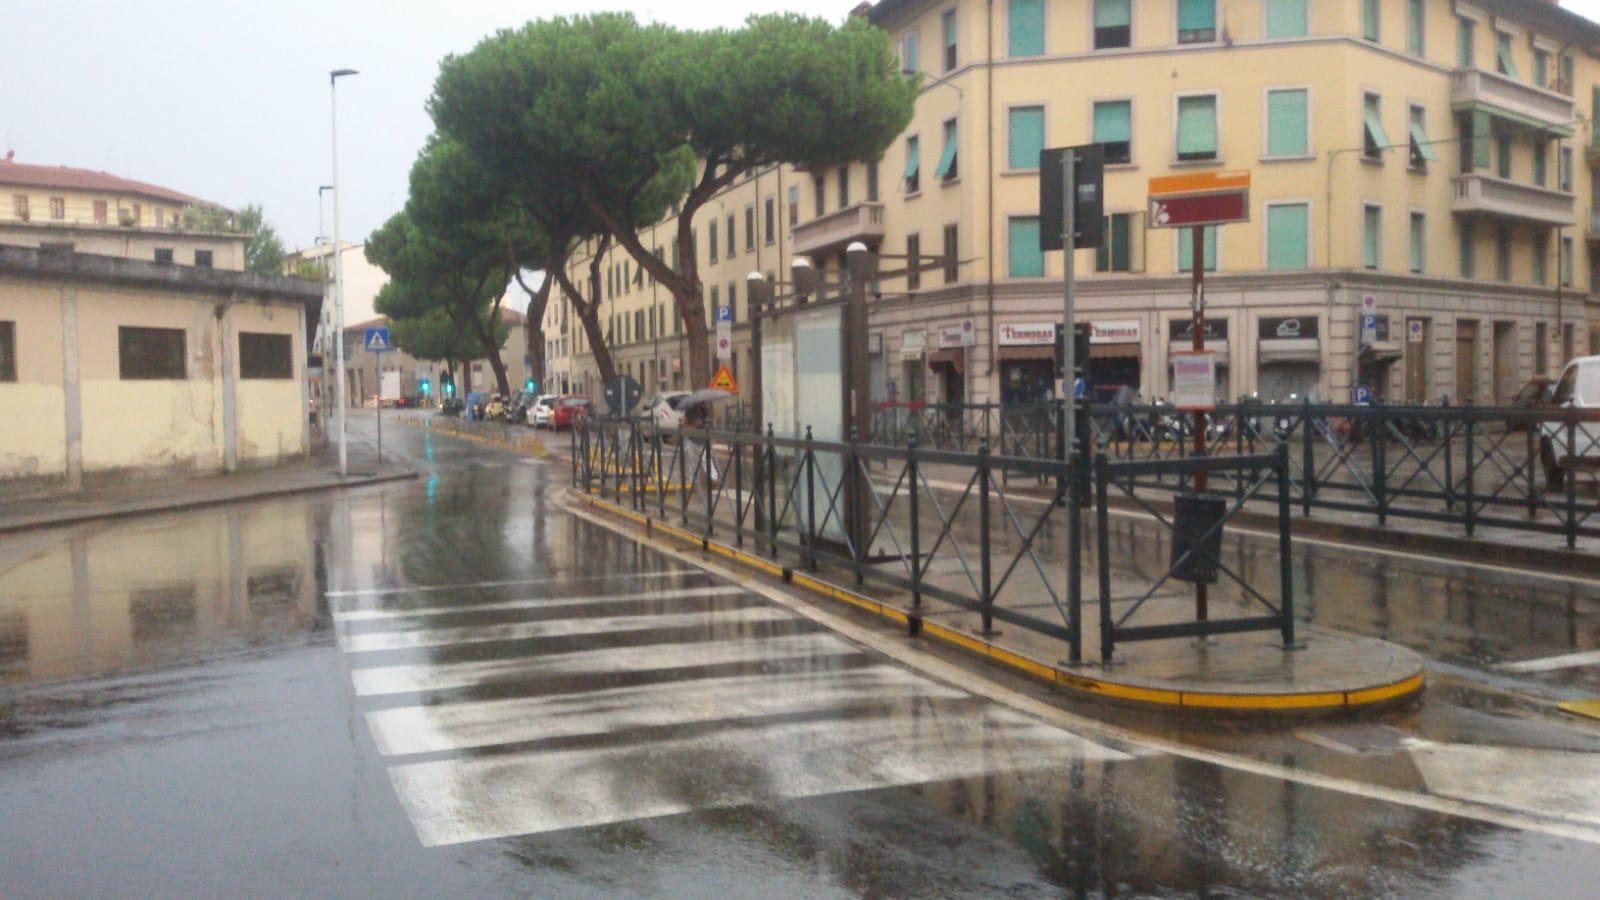 pioggia 2 firenze